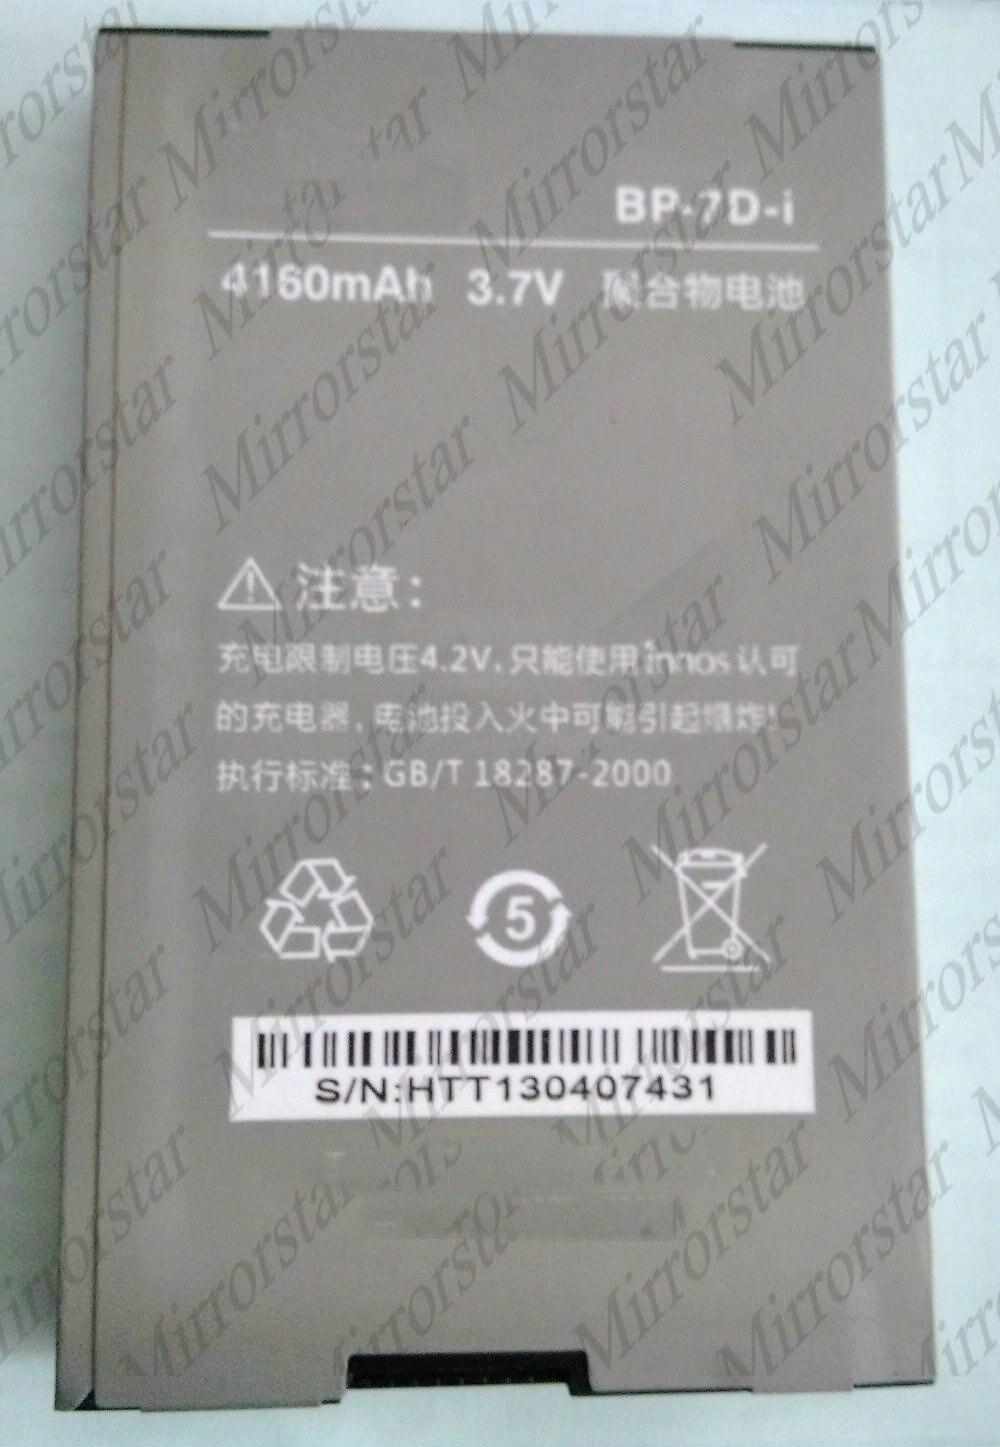 BP-7D-i BP7D Batterie 4160 mAh Pour DNS-S4502 DNS S4502 et Petit Libellule innos D9 D9C Batterie Batterij